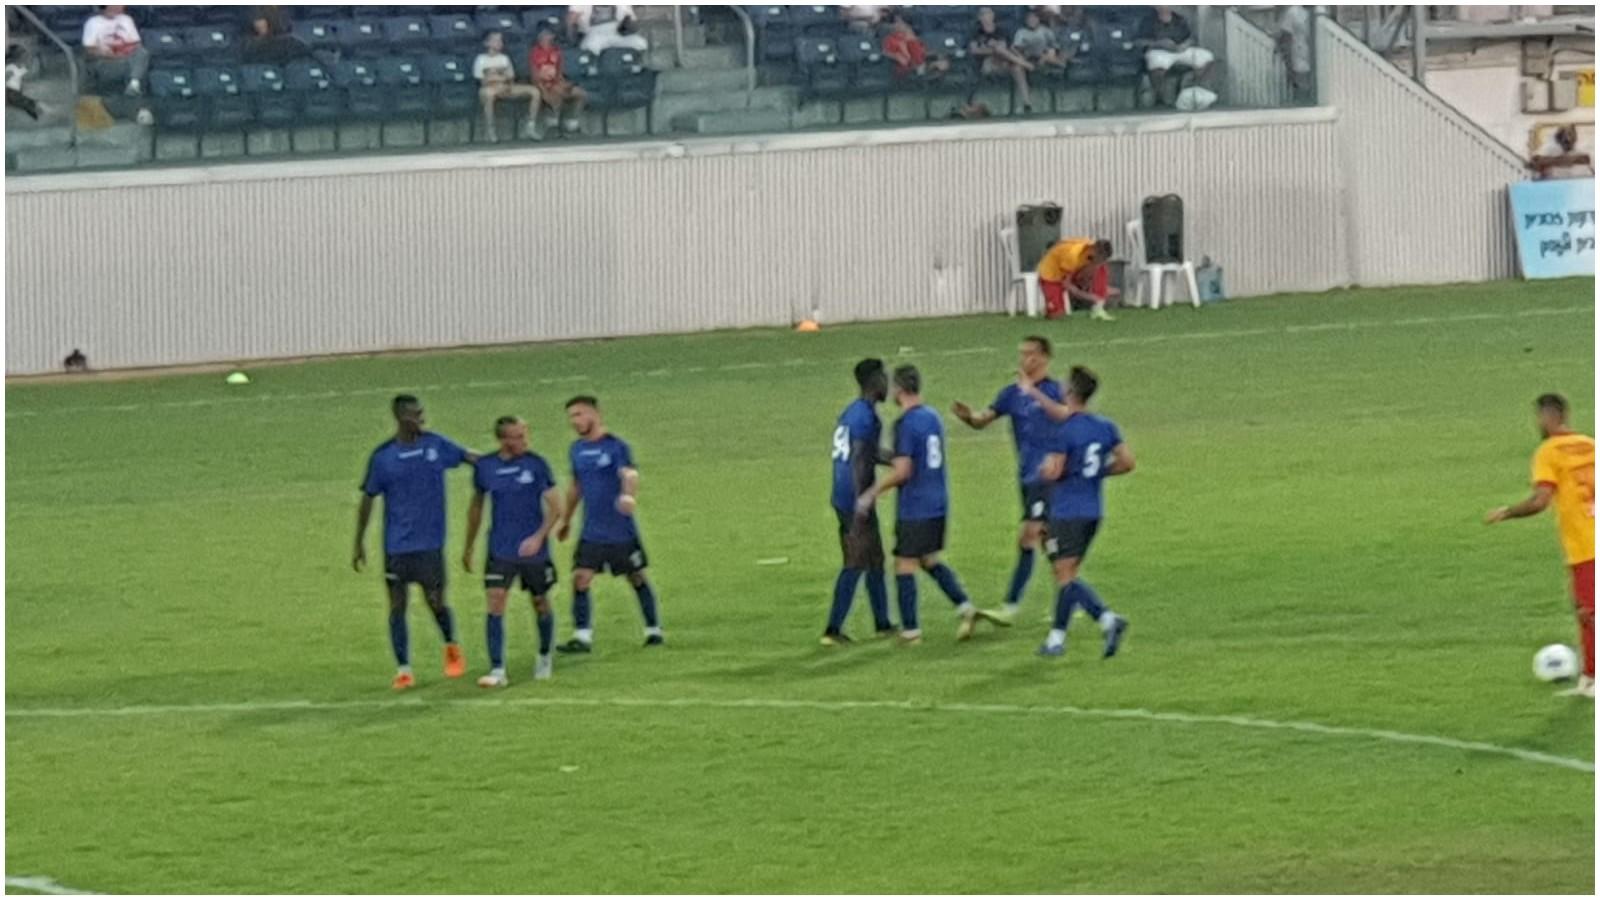 אמאדו סוקונה חוגג את השער עם השחקנים